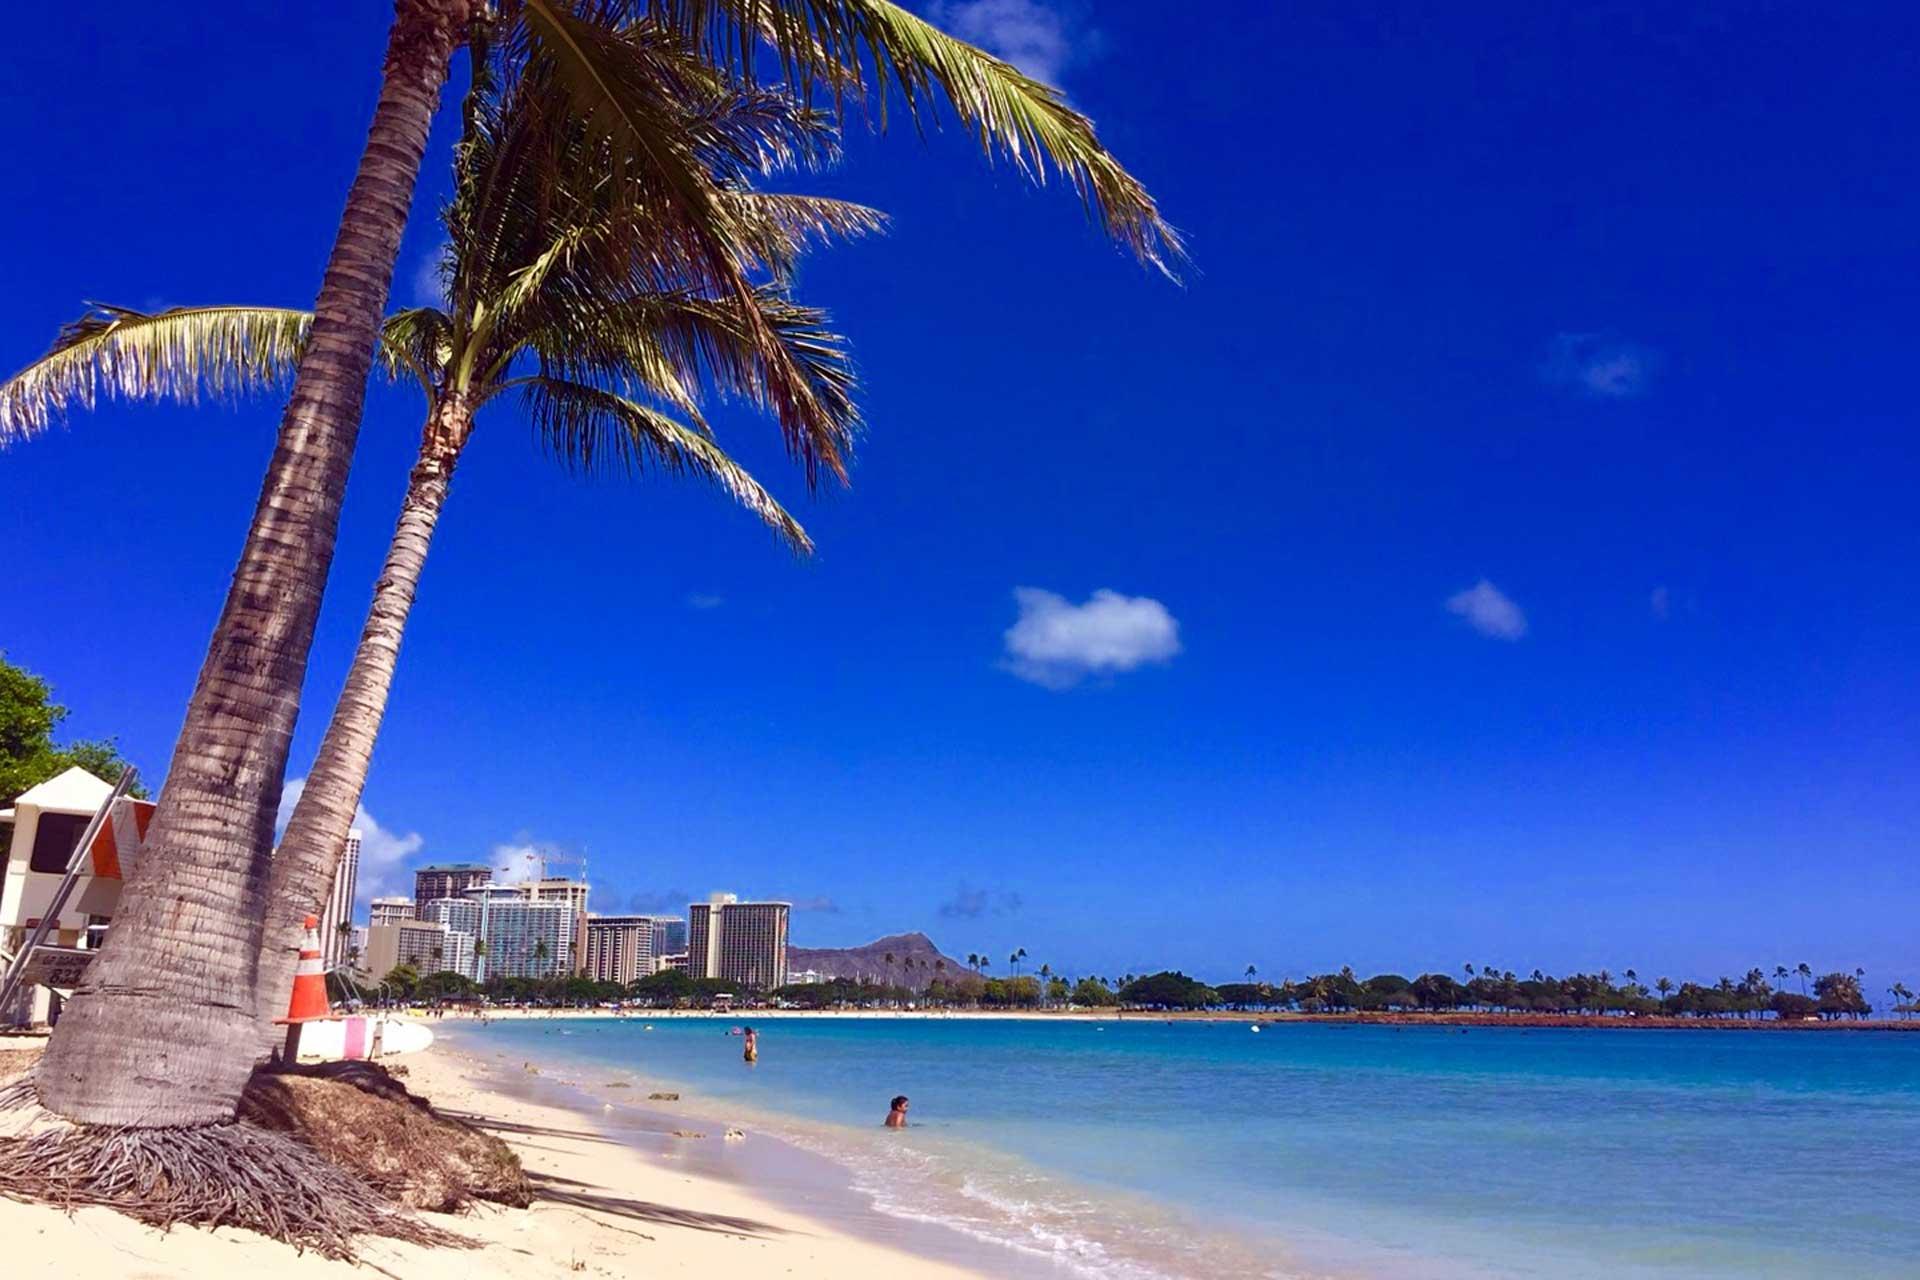 ハワイプライベート貸切チャーターツアー